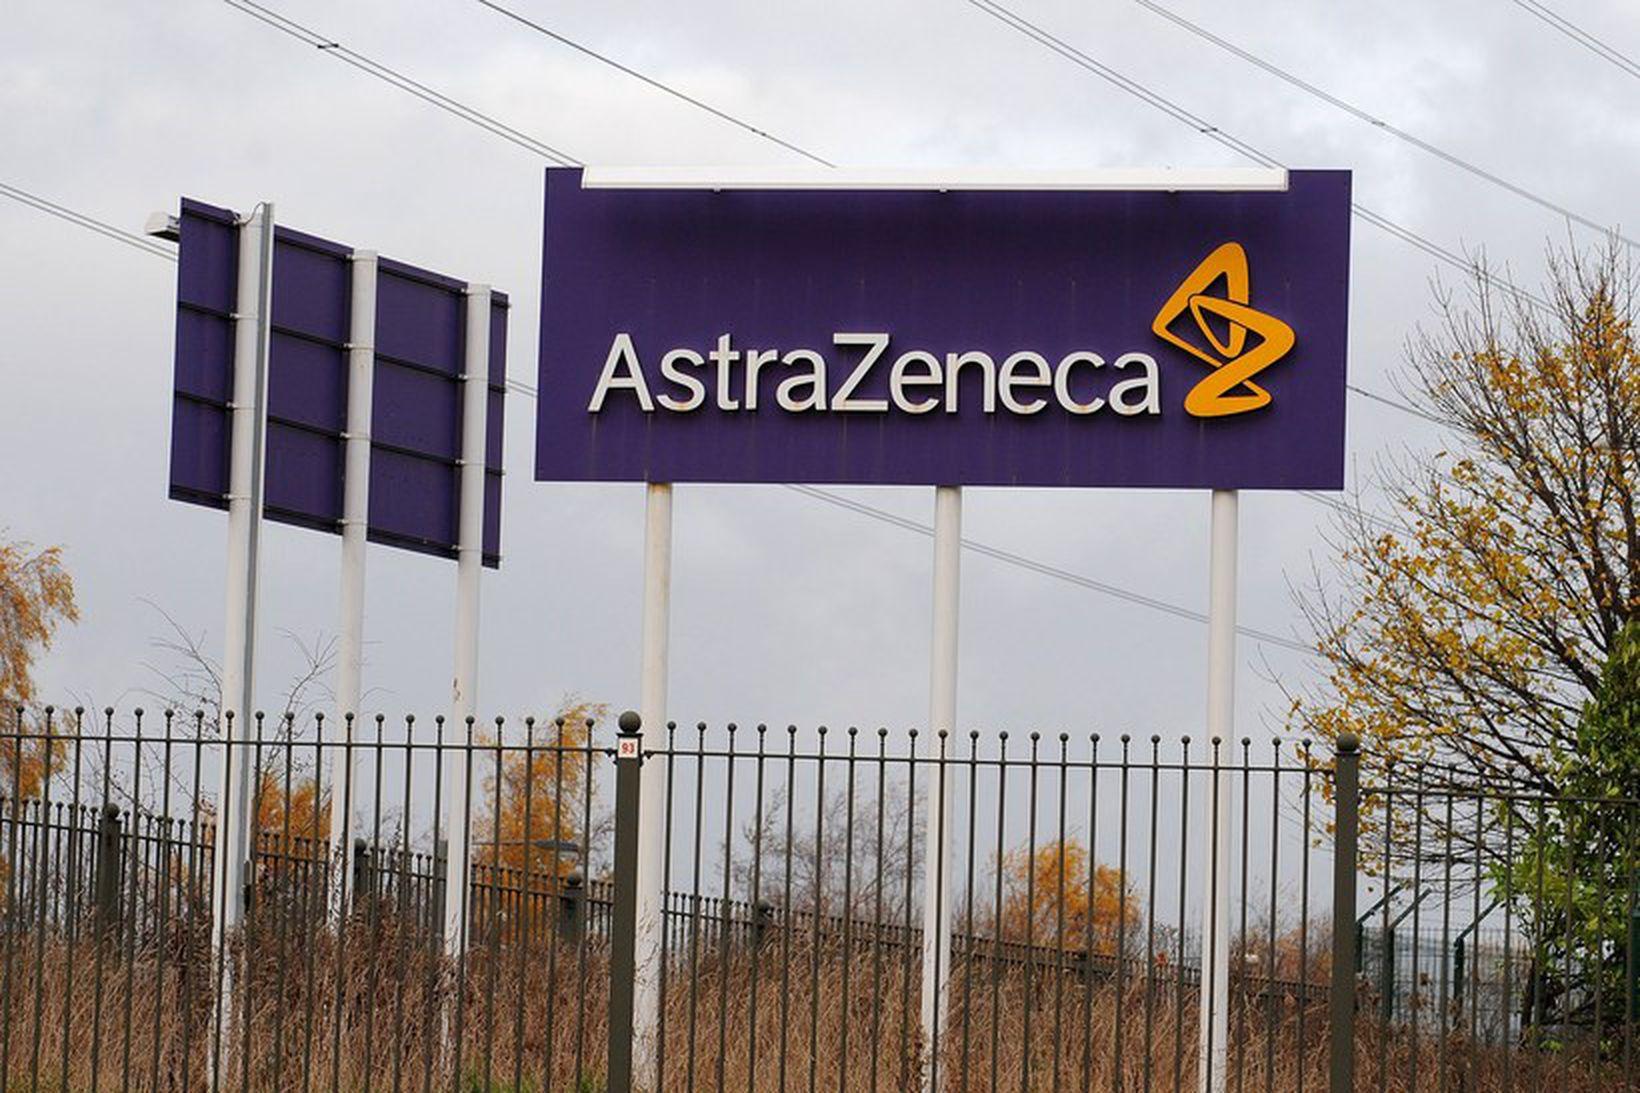 AstraZeneca hefur þróað bóluefni við kórónuveirunni í samstarfi við Oxford-háskóla.